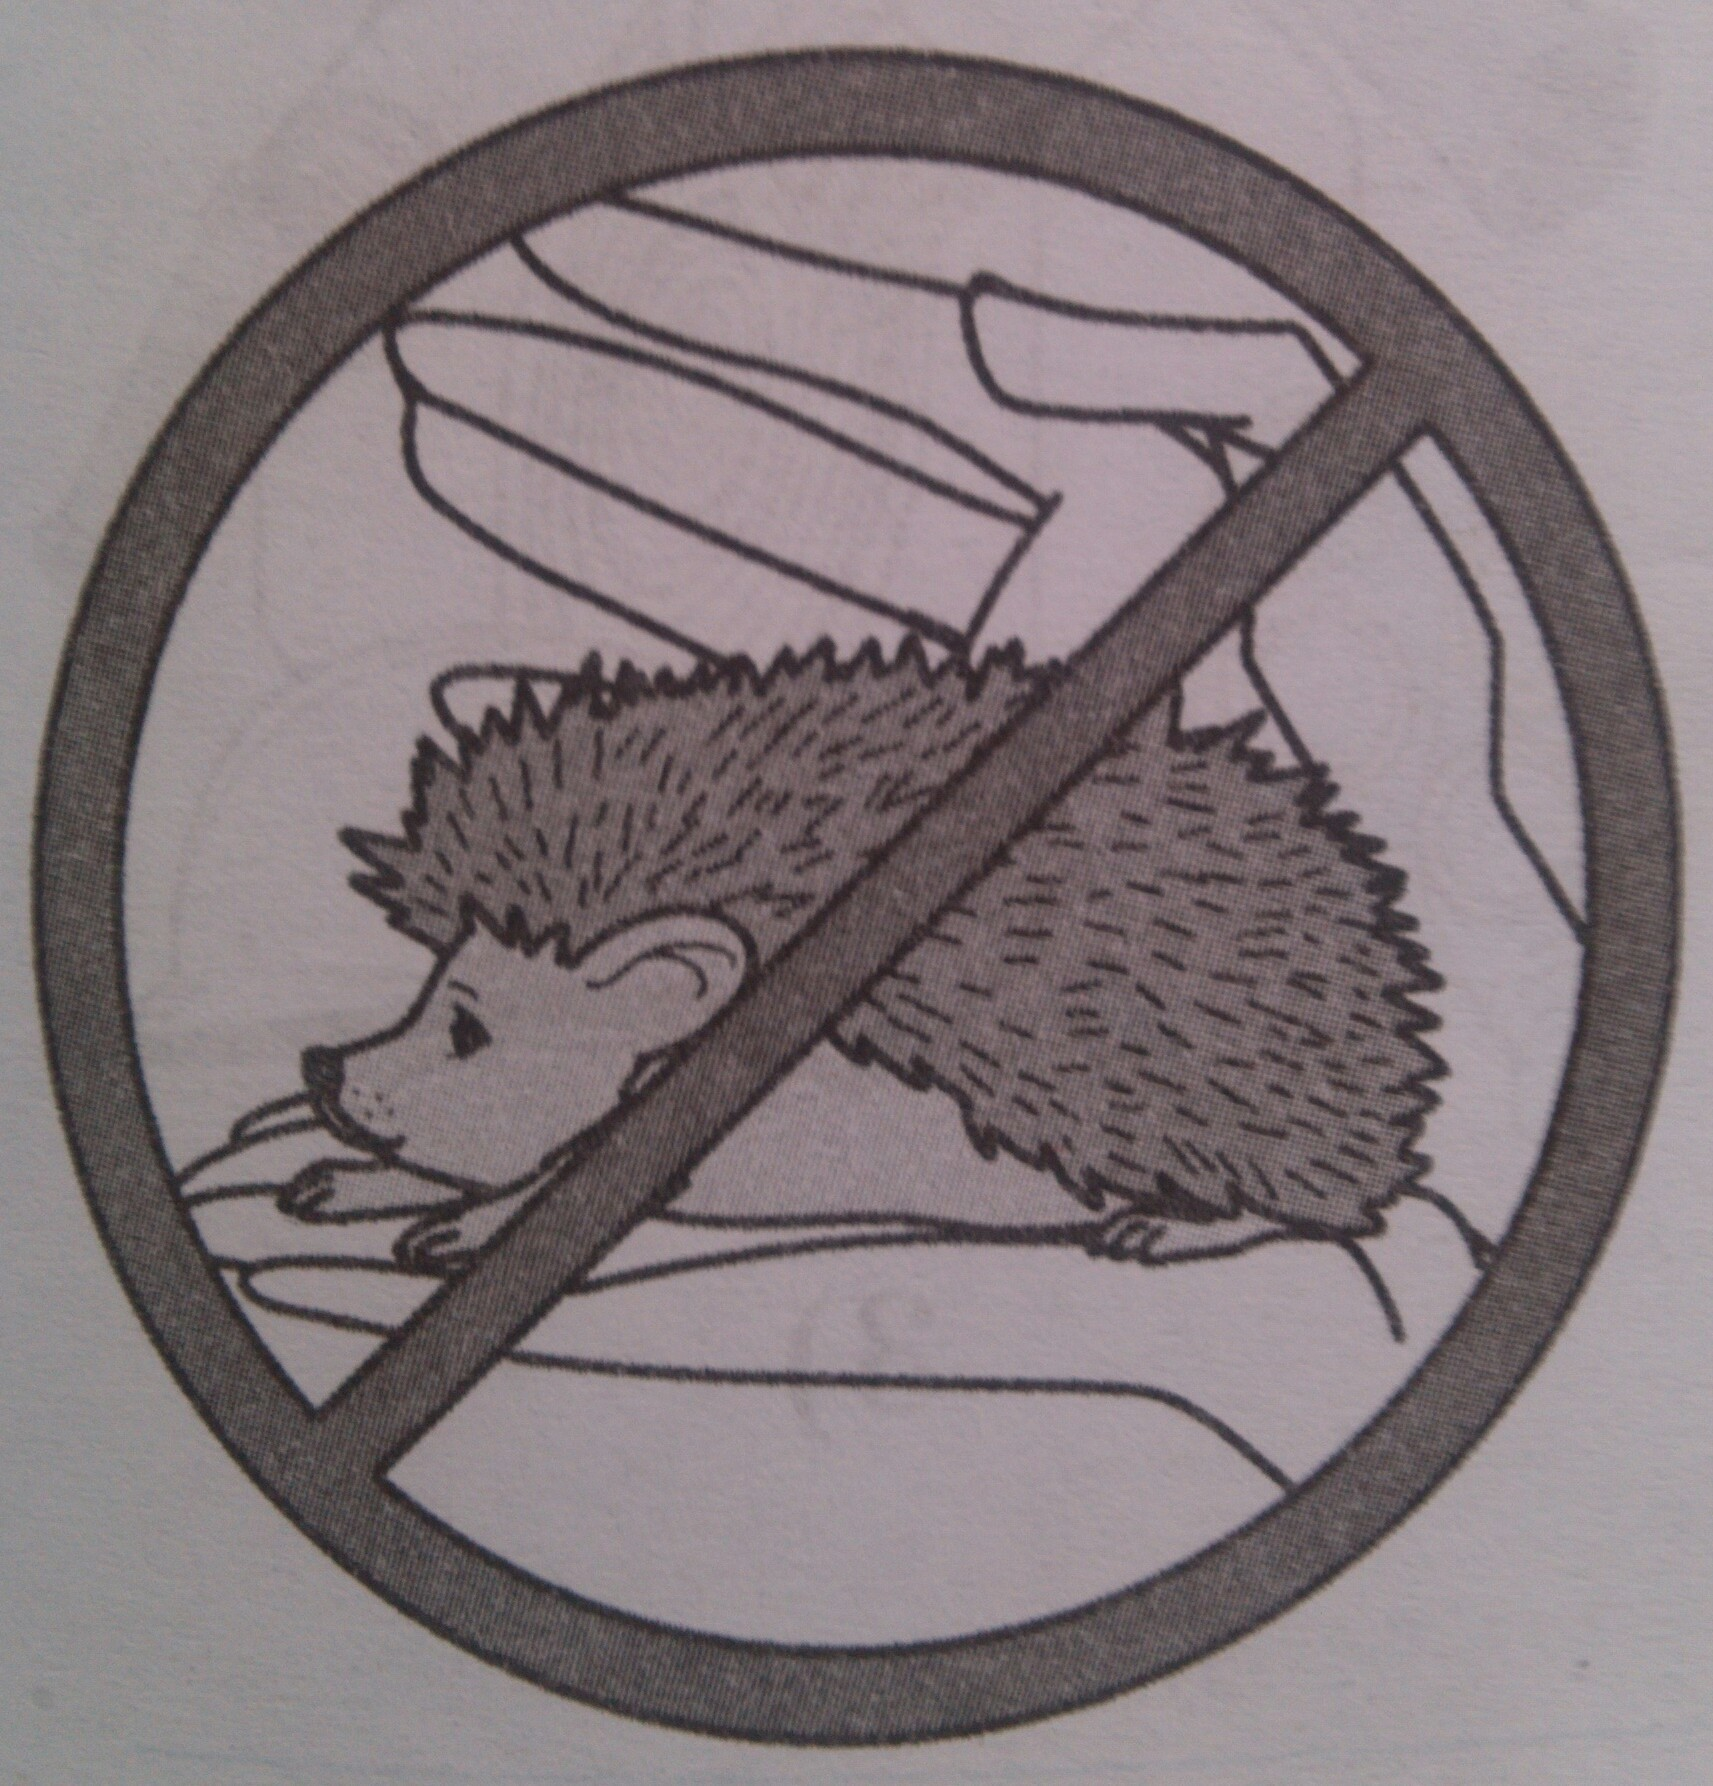 Какое правило отражает этот знак?